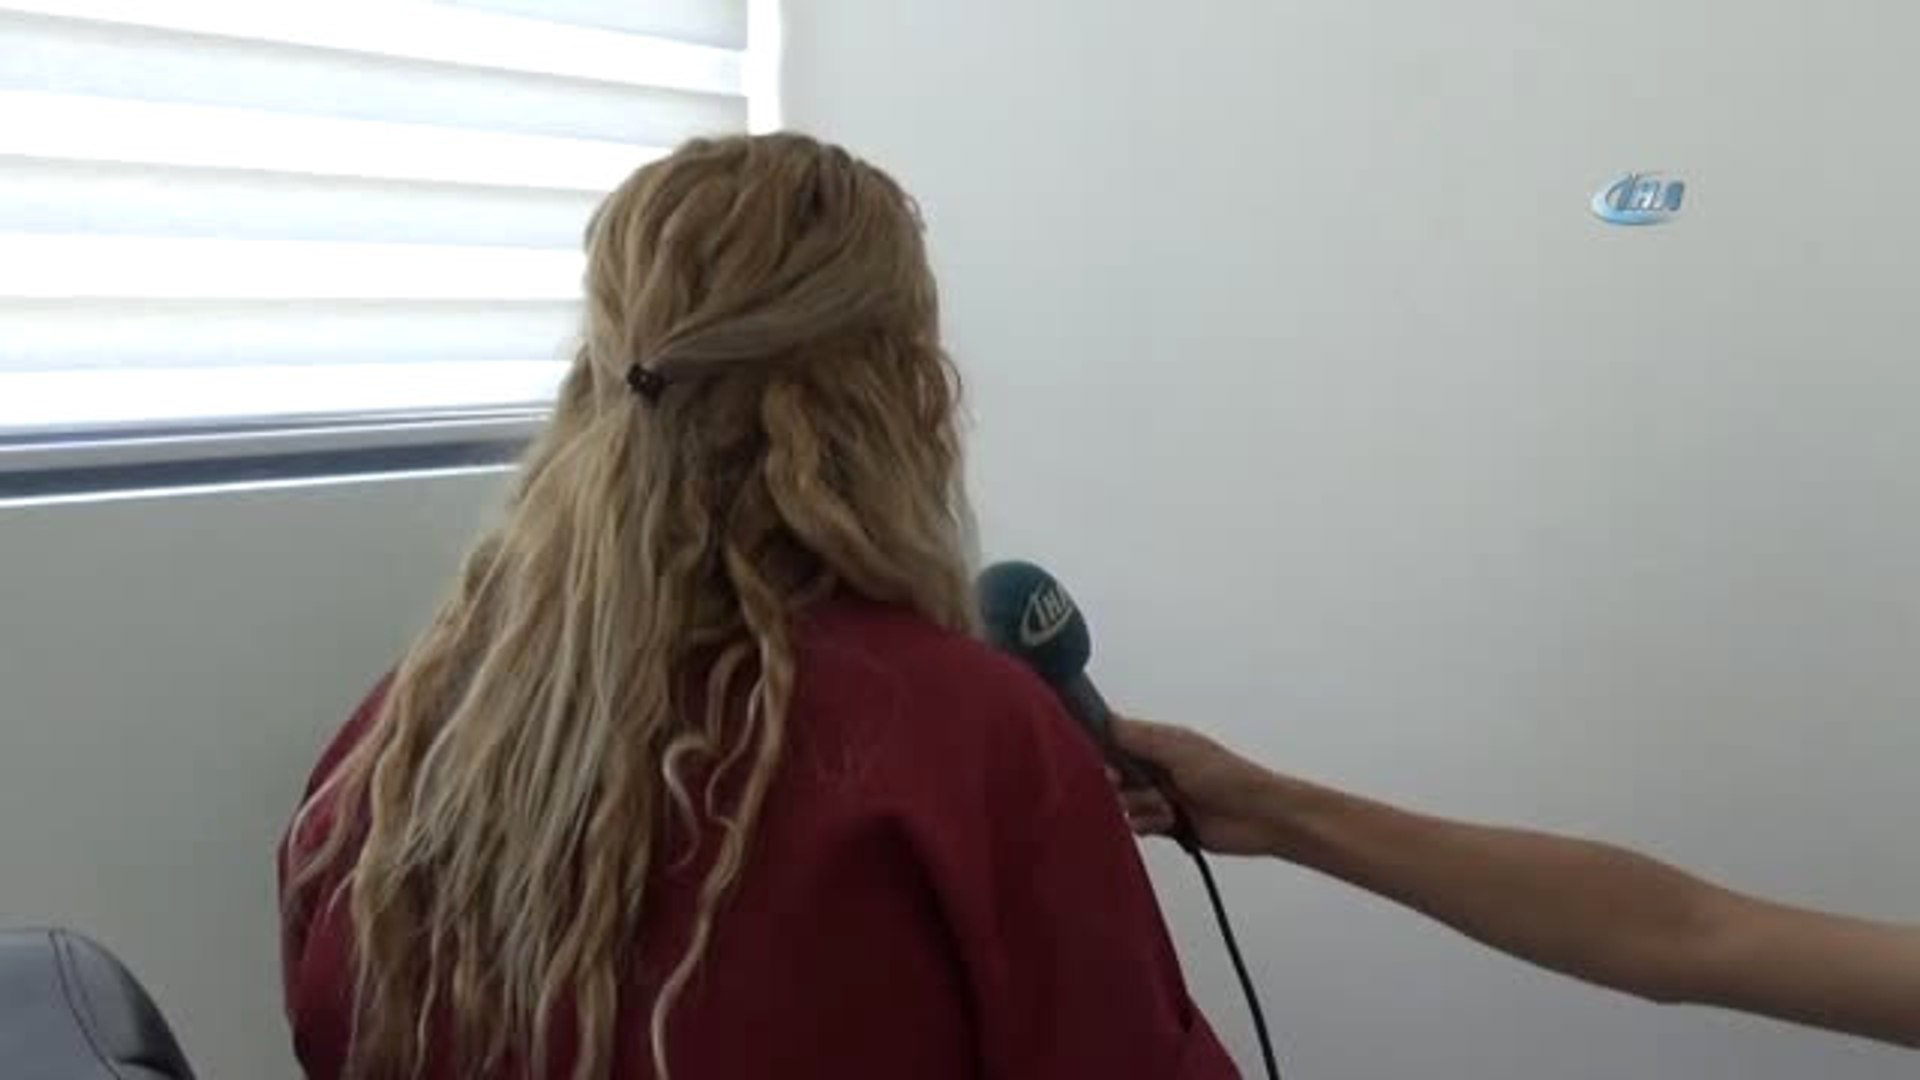 Videosunu Çeken Adamı İfşa Etmişti... O Kadın Konuştu